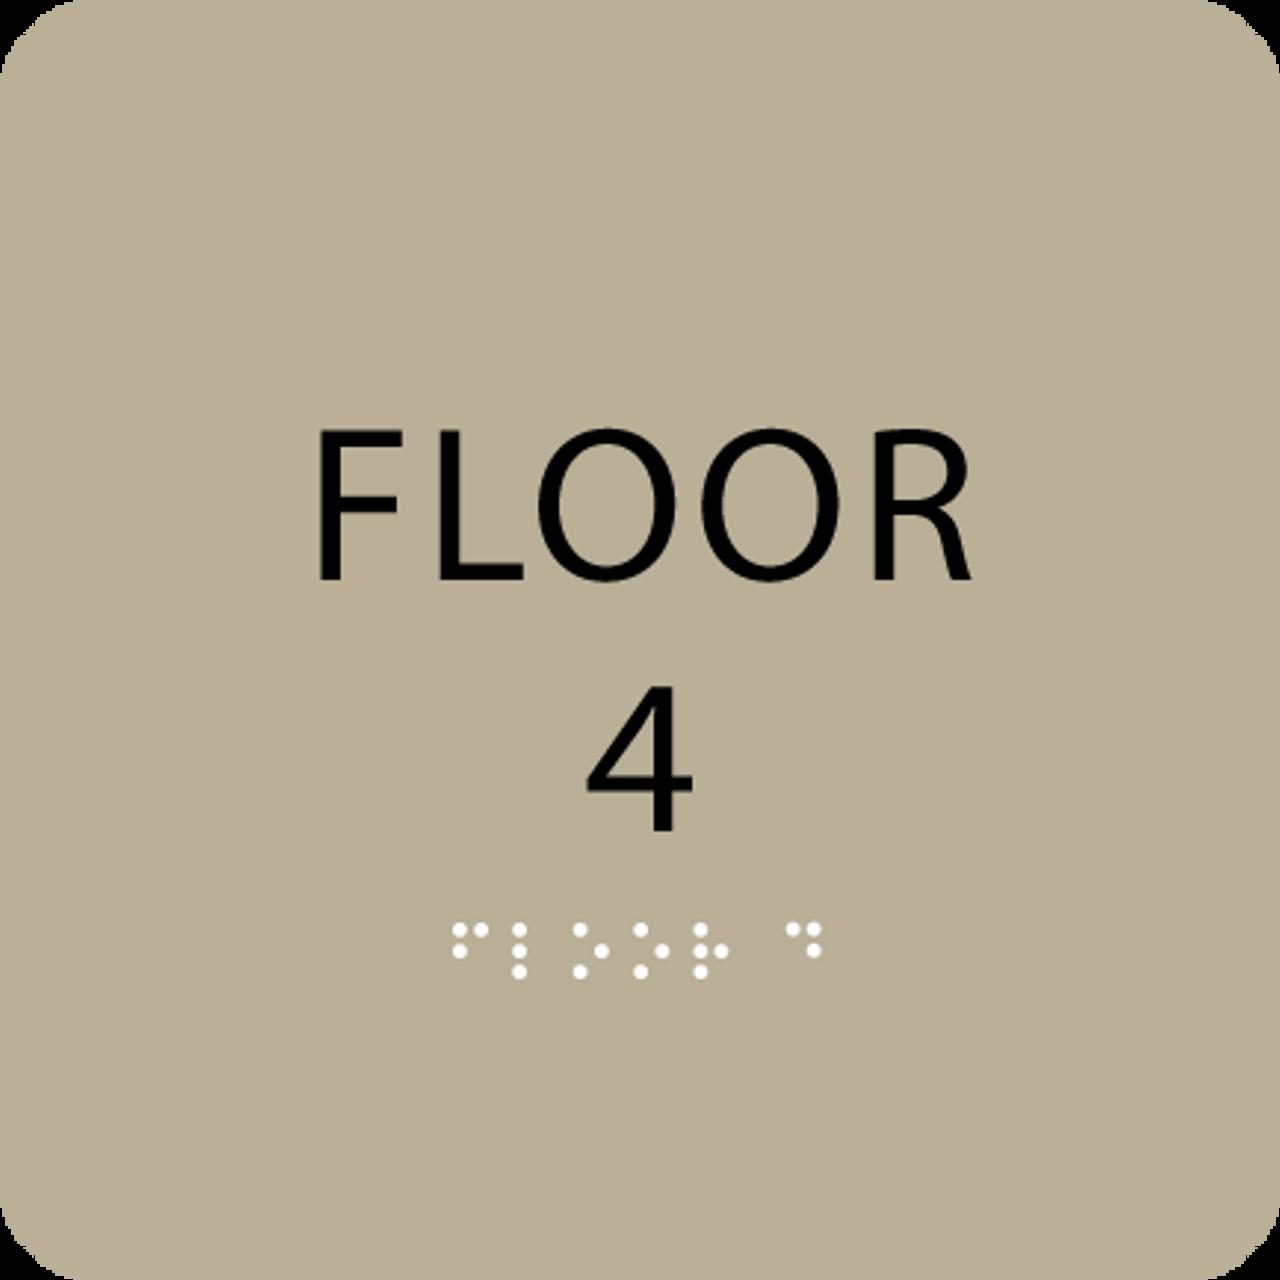 Brown Floor 4 Identification Sign